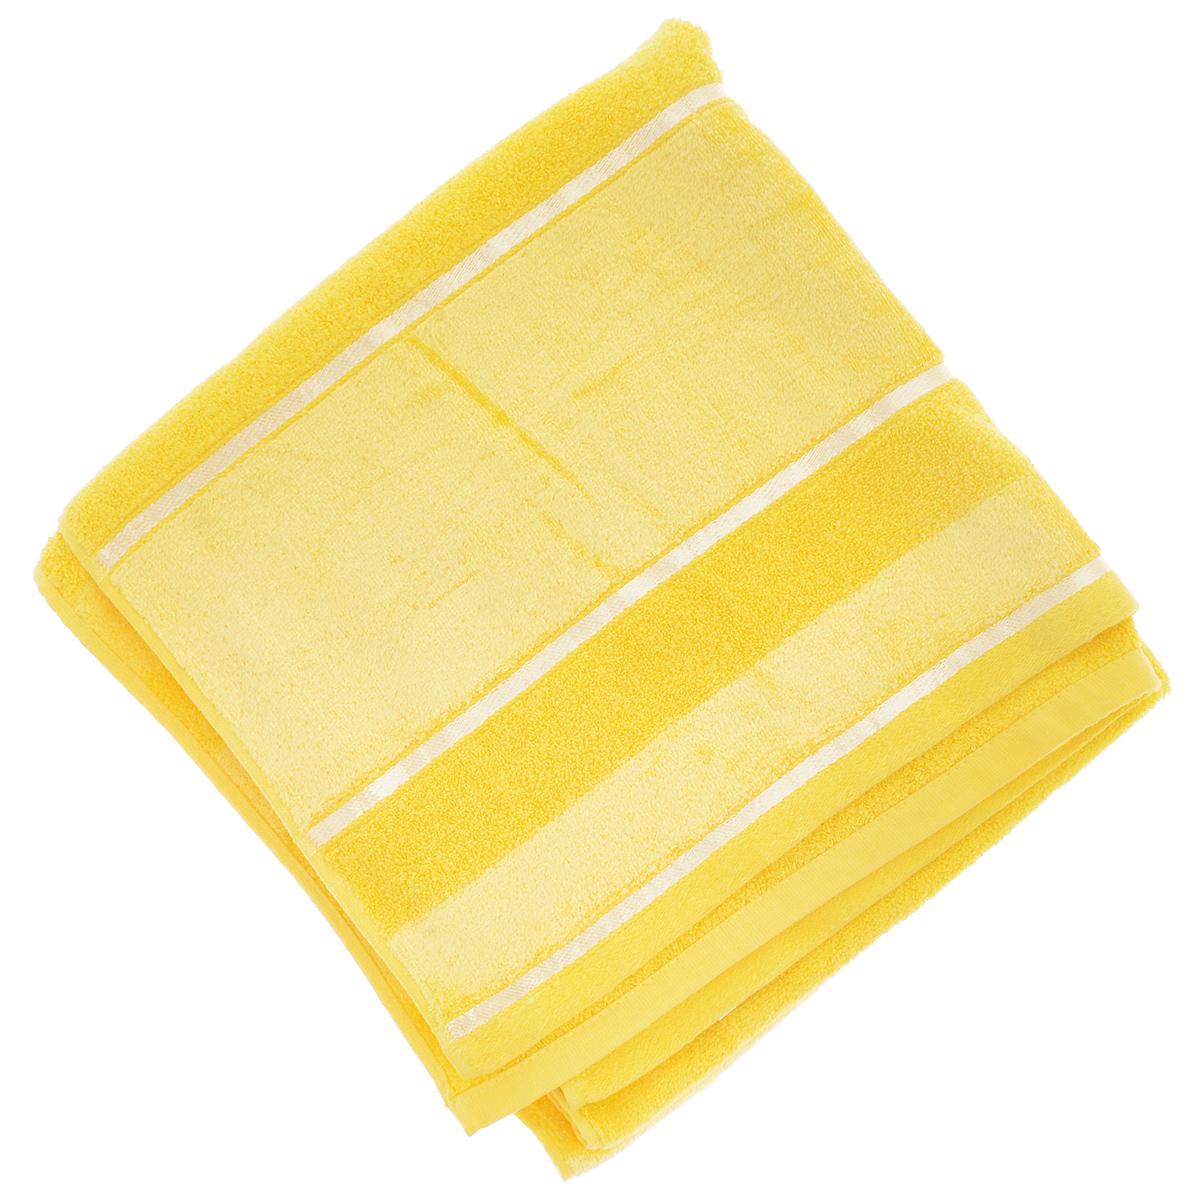 Полотенце Soavita Louise, цвет: желтый, 70 х 140 смS03301004Полотенце Soavita Louise выполнено из 100% хлопка. Все детали качественно прошиты, ткань очень плотная, не линяет и держится много лет. Изделие отлично впитывает влагу, быстро сохнет, сохраняет яркость цвета и не теряет форму даже после многократных стирок. Полотенце очень практично и неприхотливо в уходе. Оно создаст прекрасное настроение и украсит интерьер в ванной комнате.